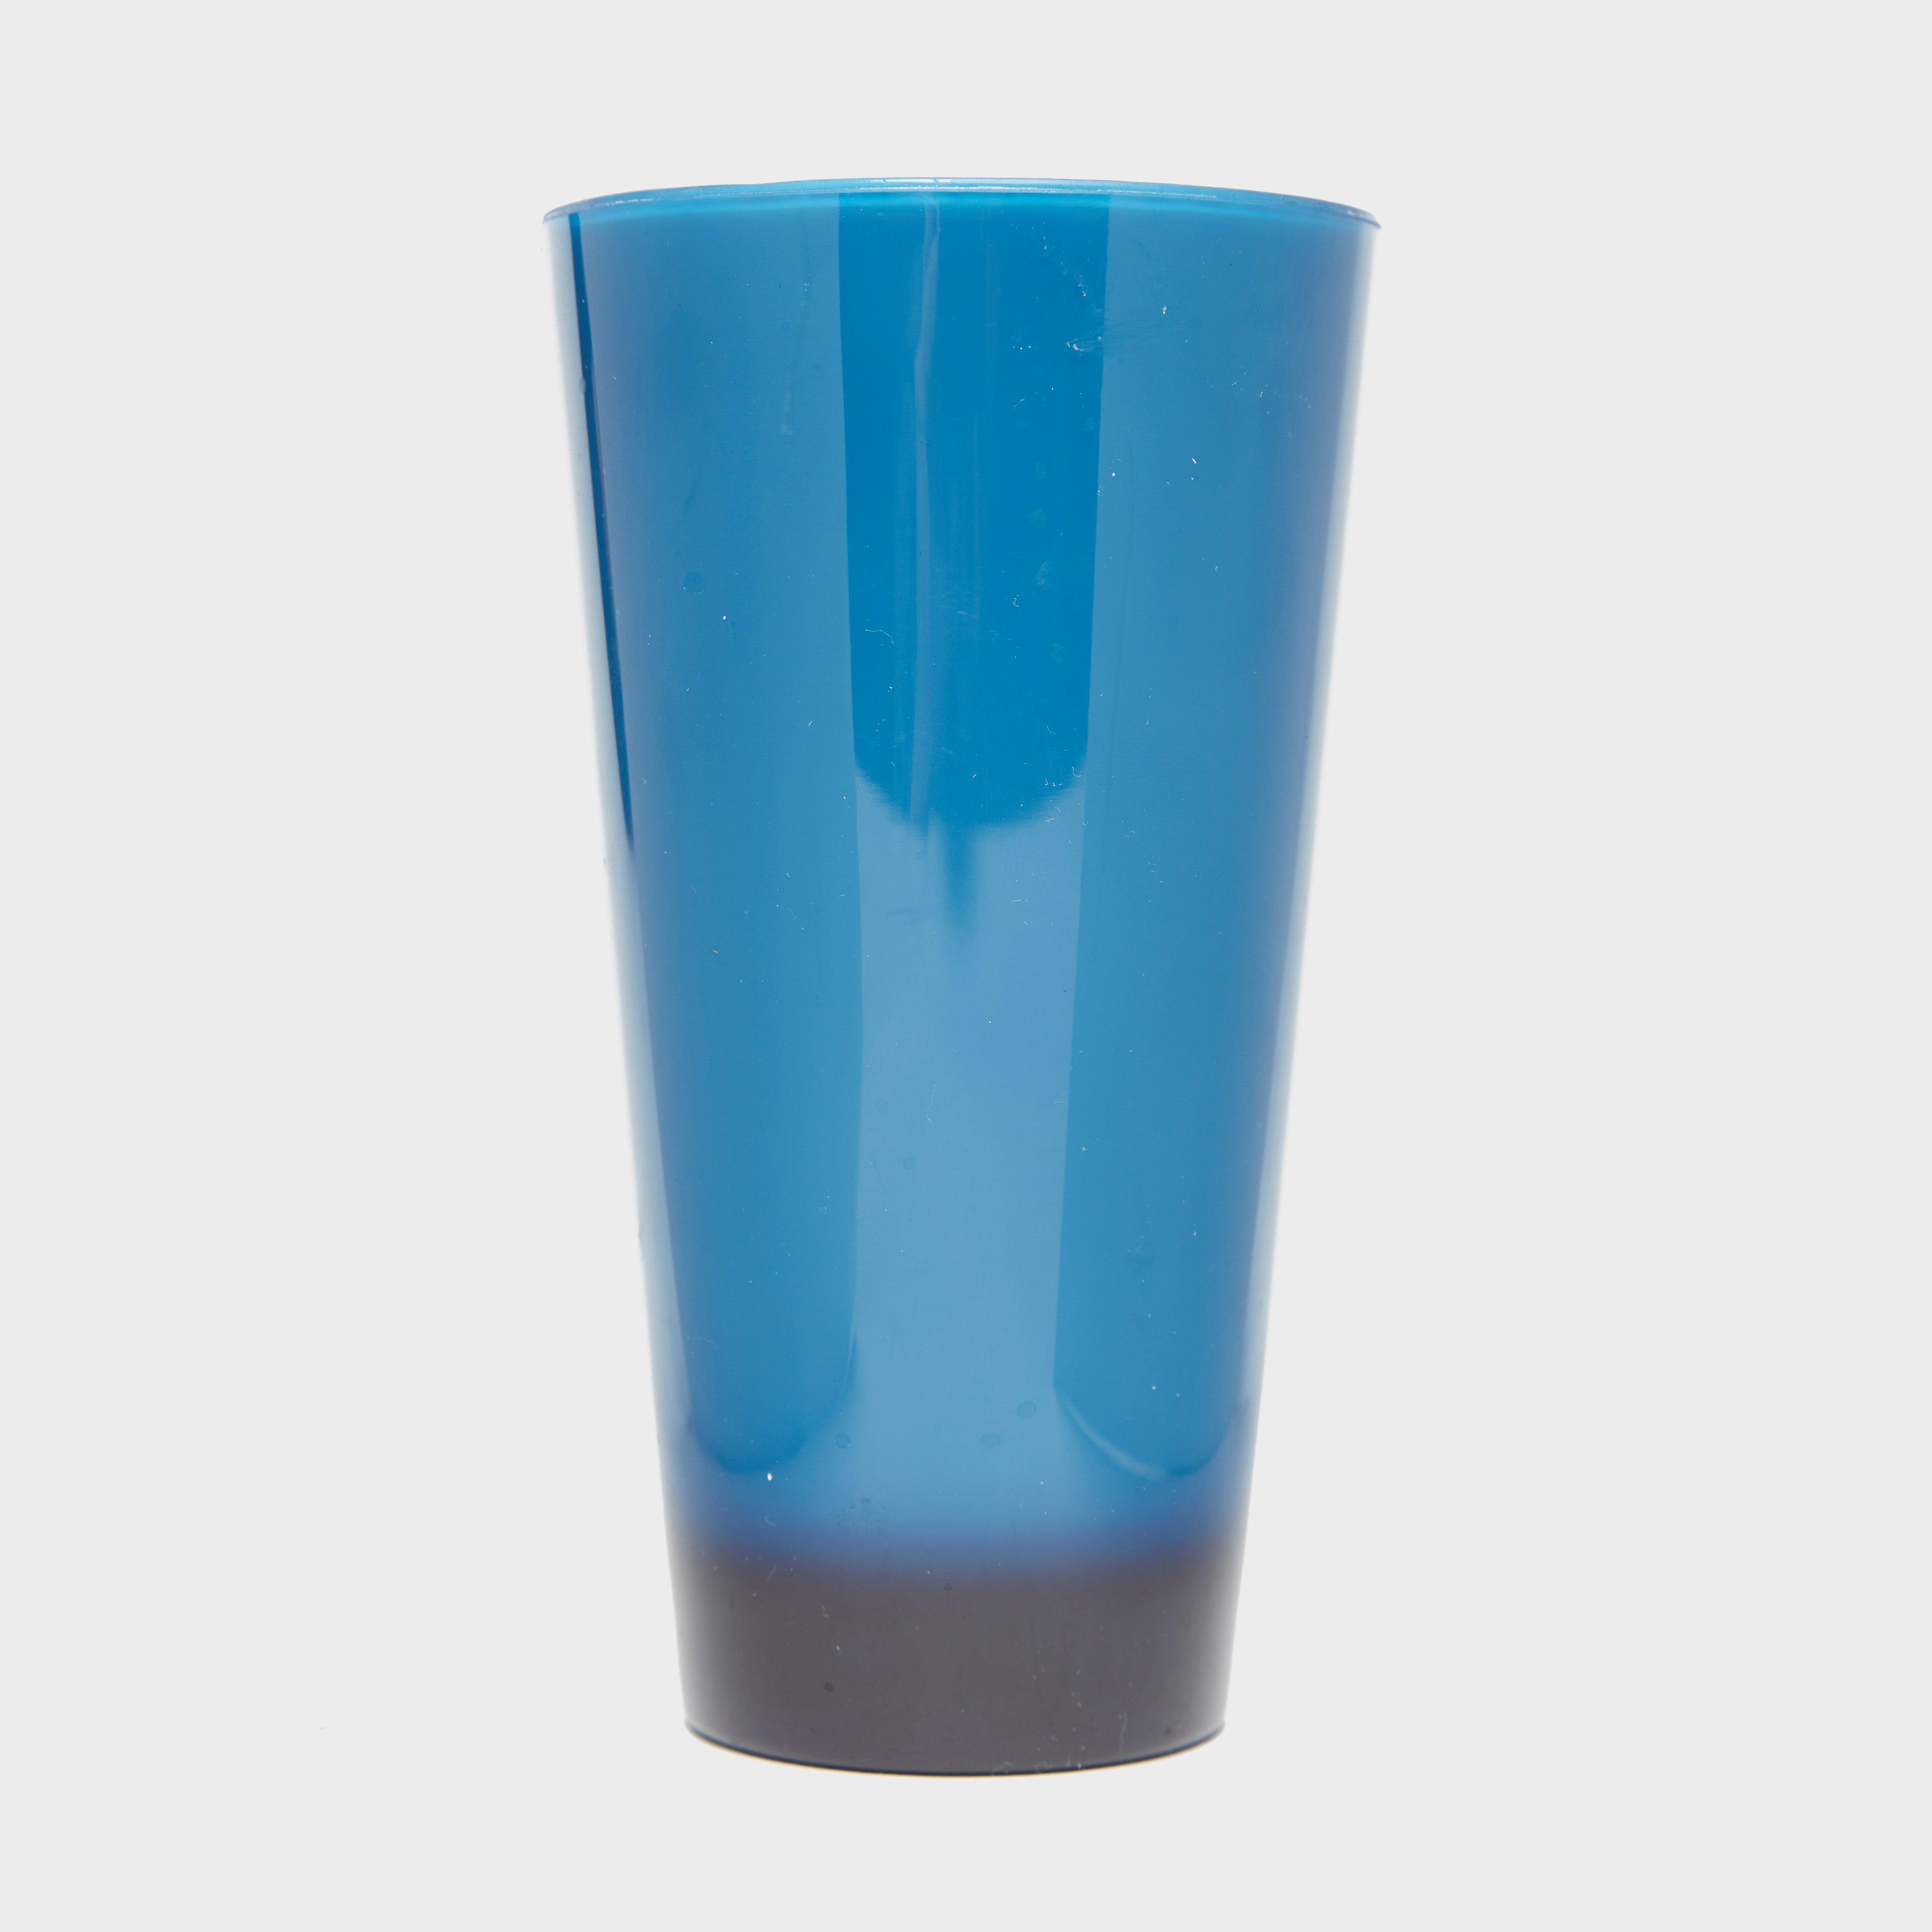 AIRGO DELUXE PLASTIC TUMBLER, BRIGHT BLUE/TUMBLER